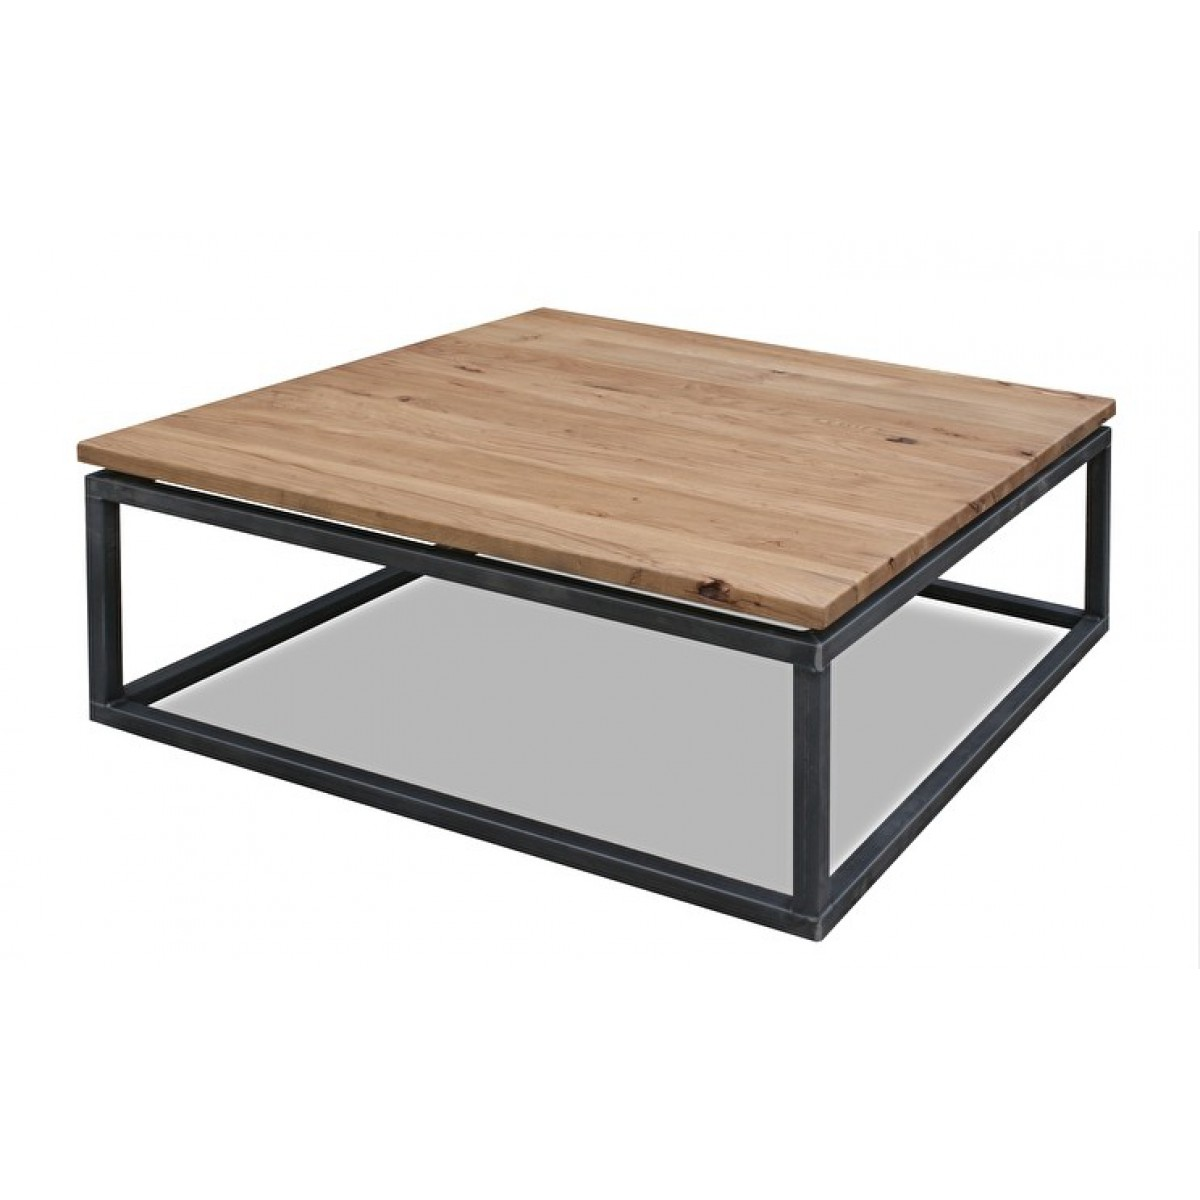 salontafel-cox-metaalframe-eiken-blad-100x100-cm